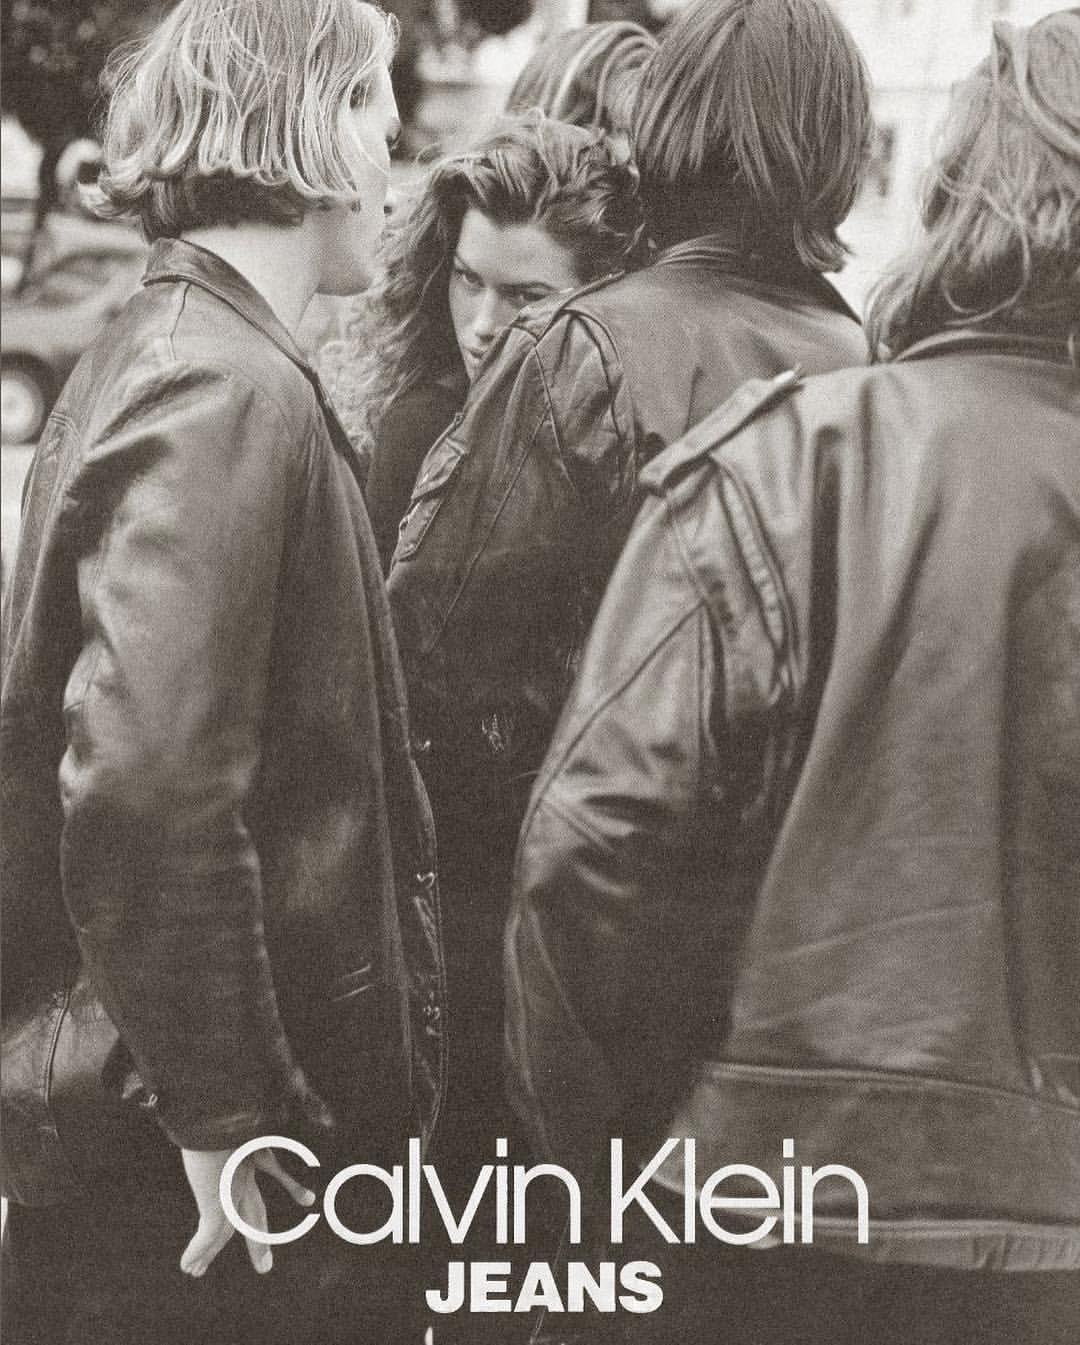 Calvin Klein Jeans 1991 - Marcus Schenkenberg & Carre Otis ...  Marcus Schenkenberg Calvin Klein Ad